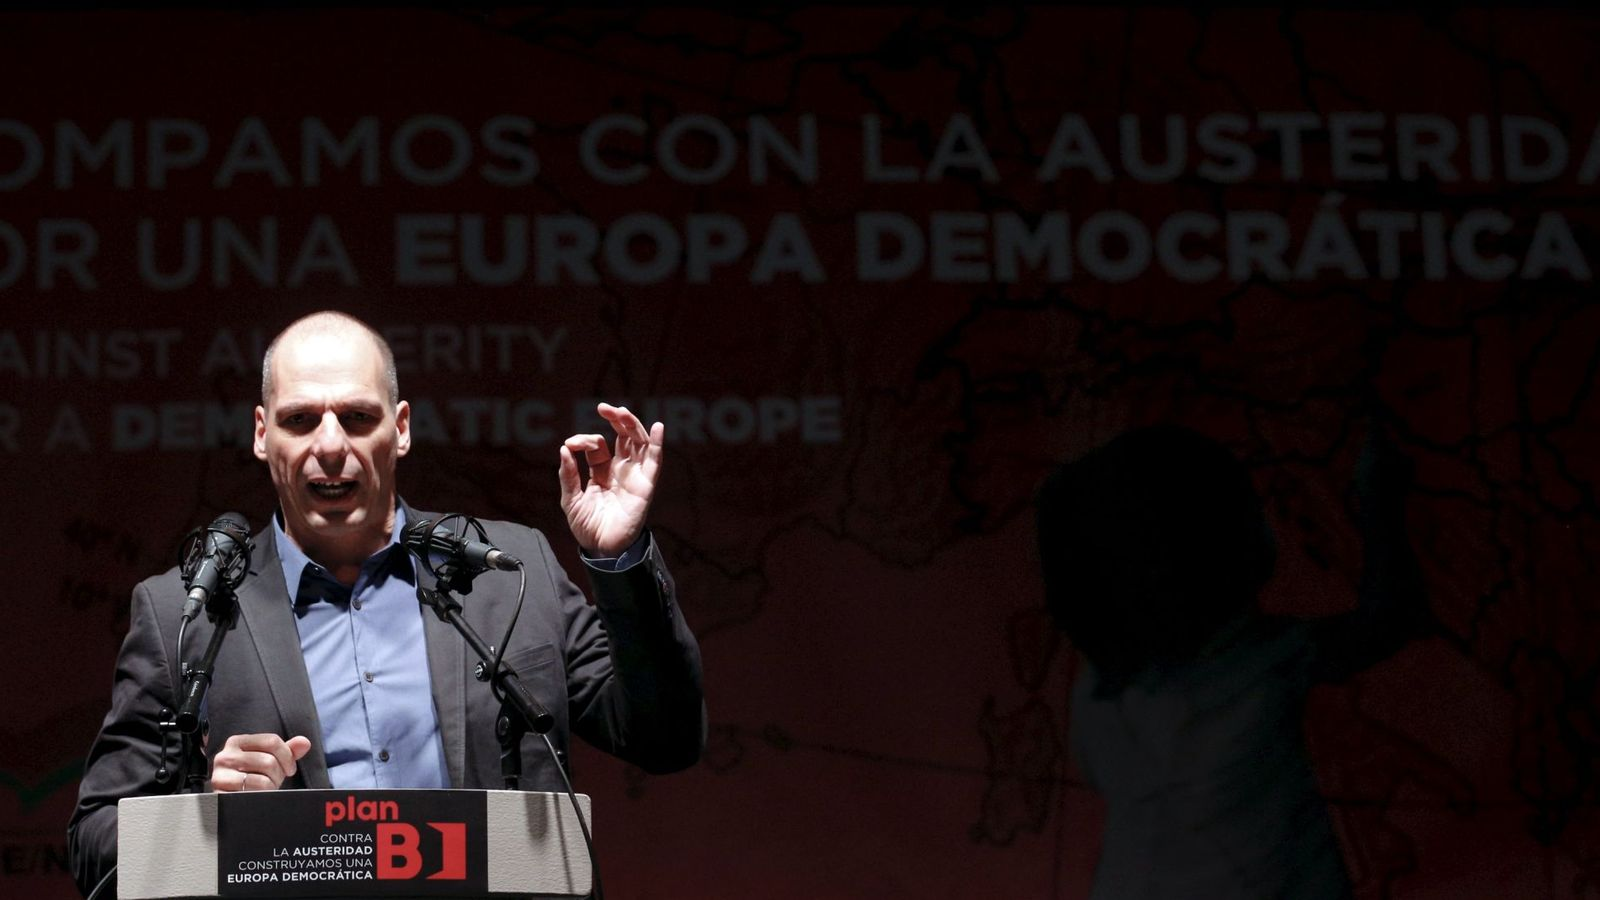 Foto: El exministro de finanzas de Grecia Yanis Varufakis, en la presentación del 'Plan B para Europa' en Madrid. (EFE)